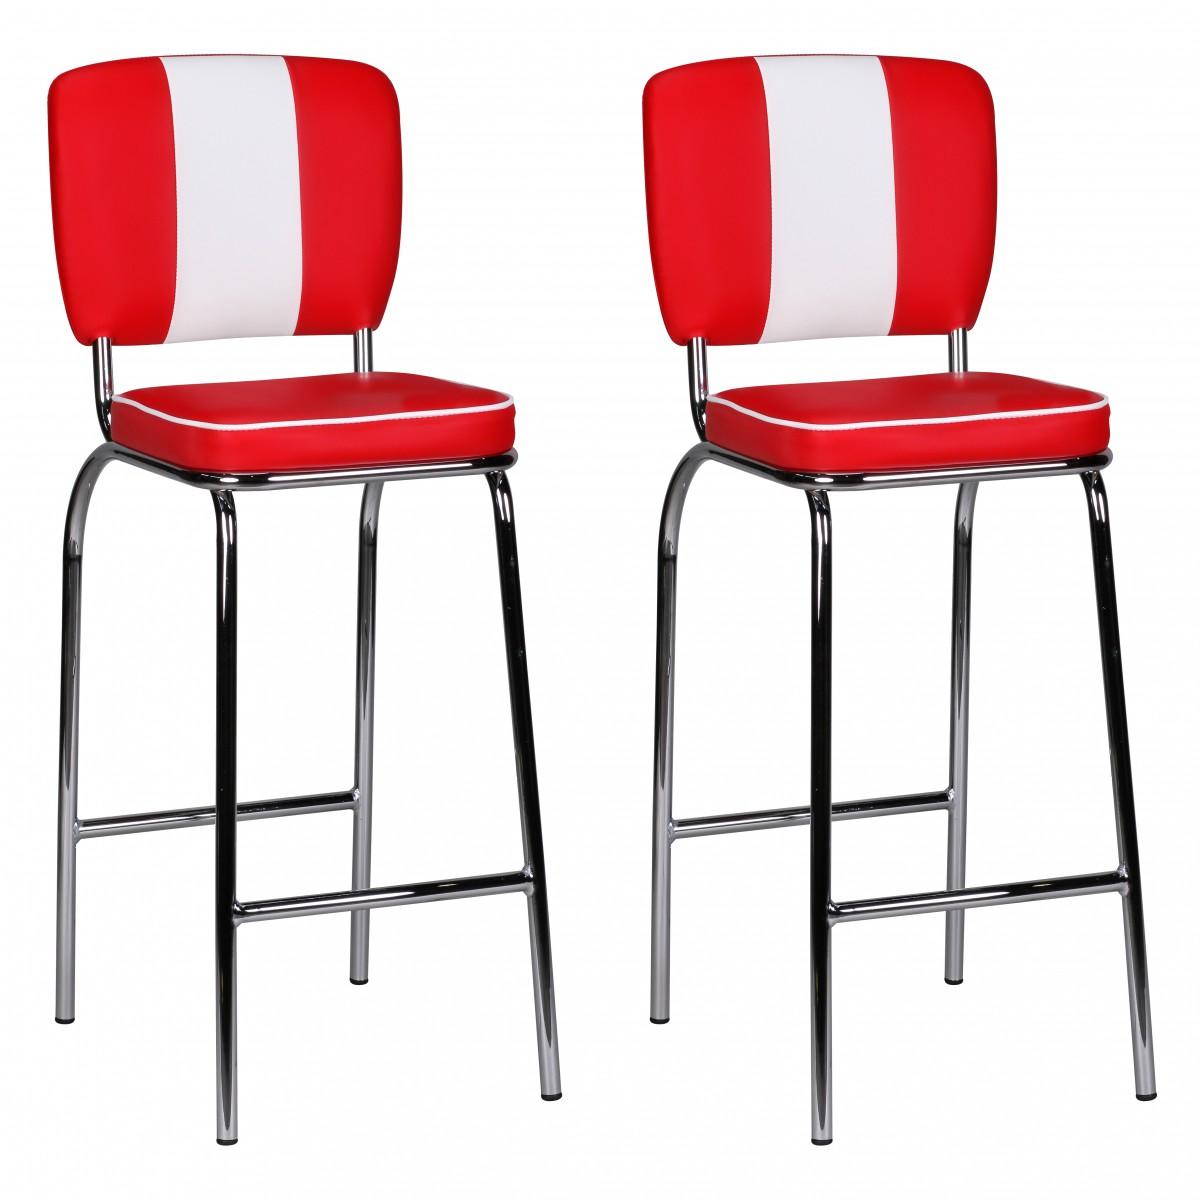 2x design barstuhl american diner 50er retro rot wei. Black Bedroom Furniture Sets. Home Design Ideas